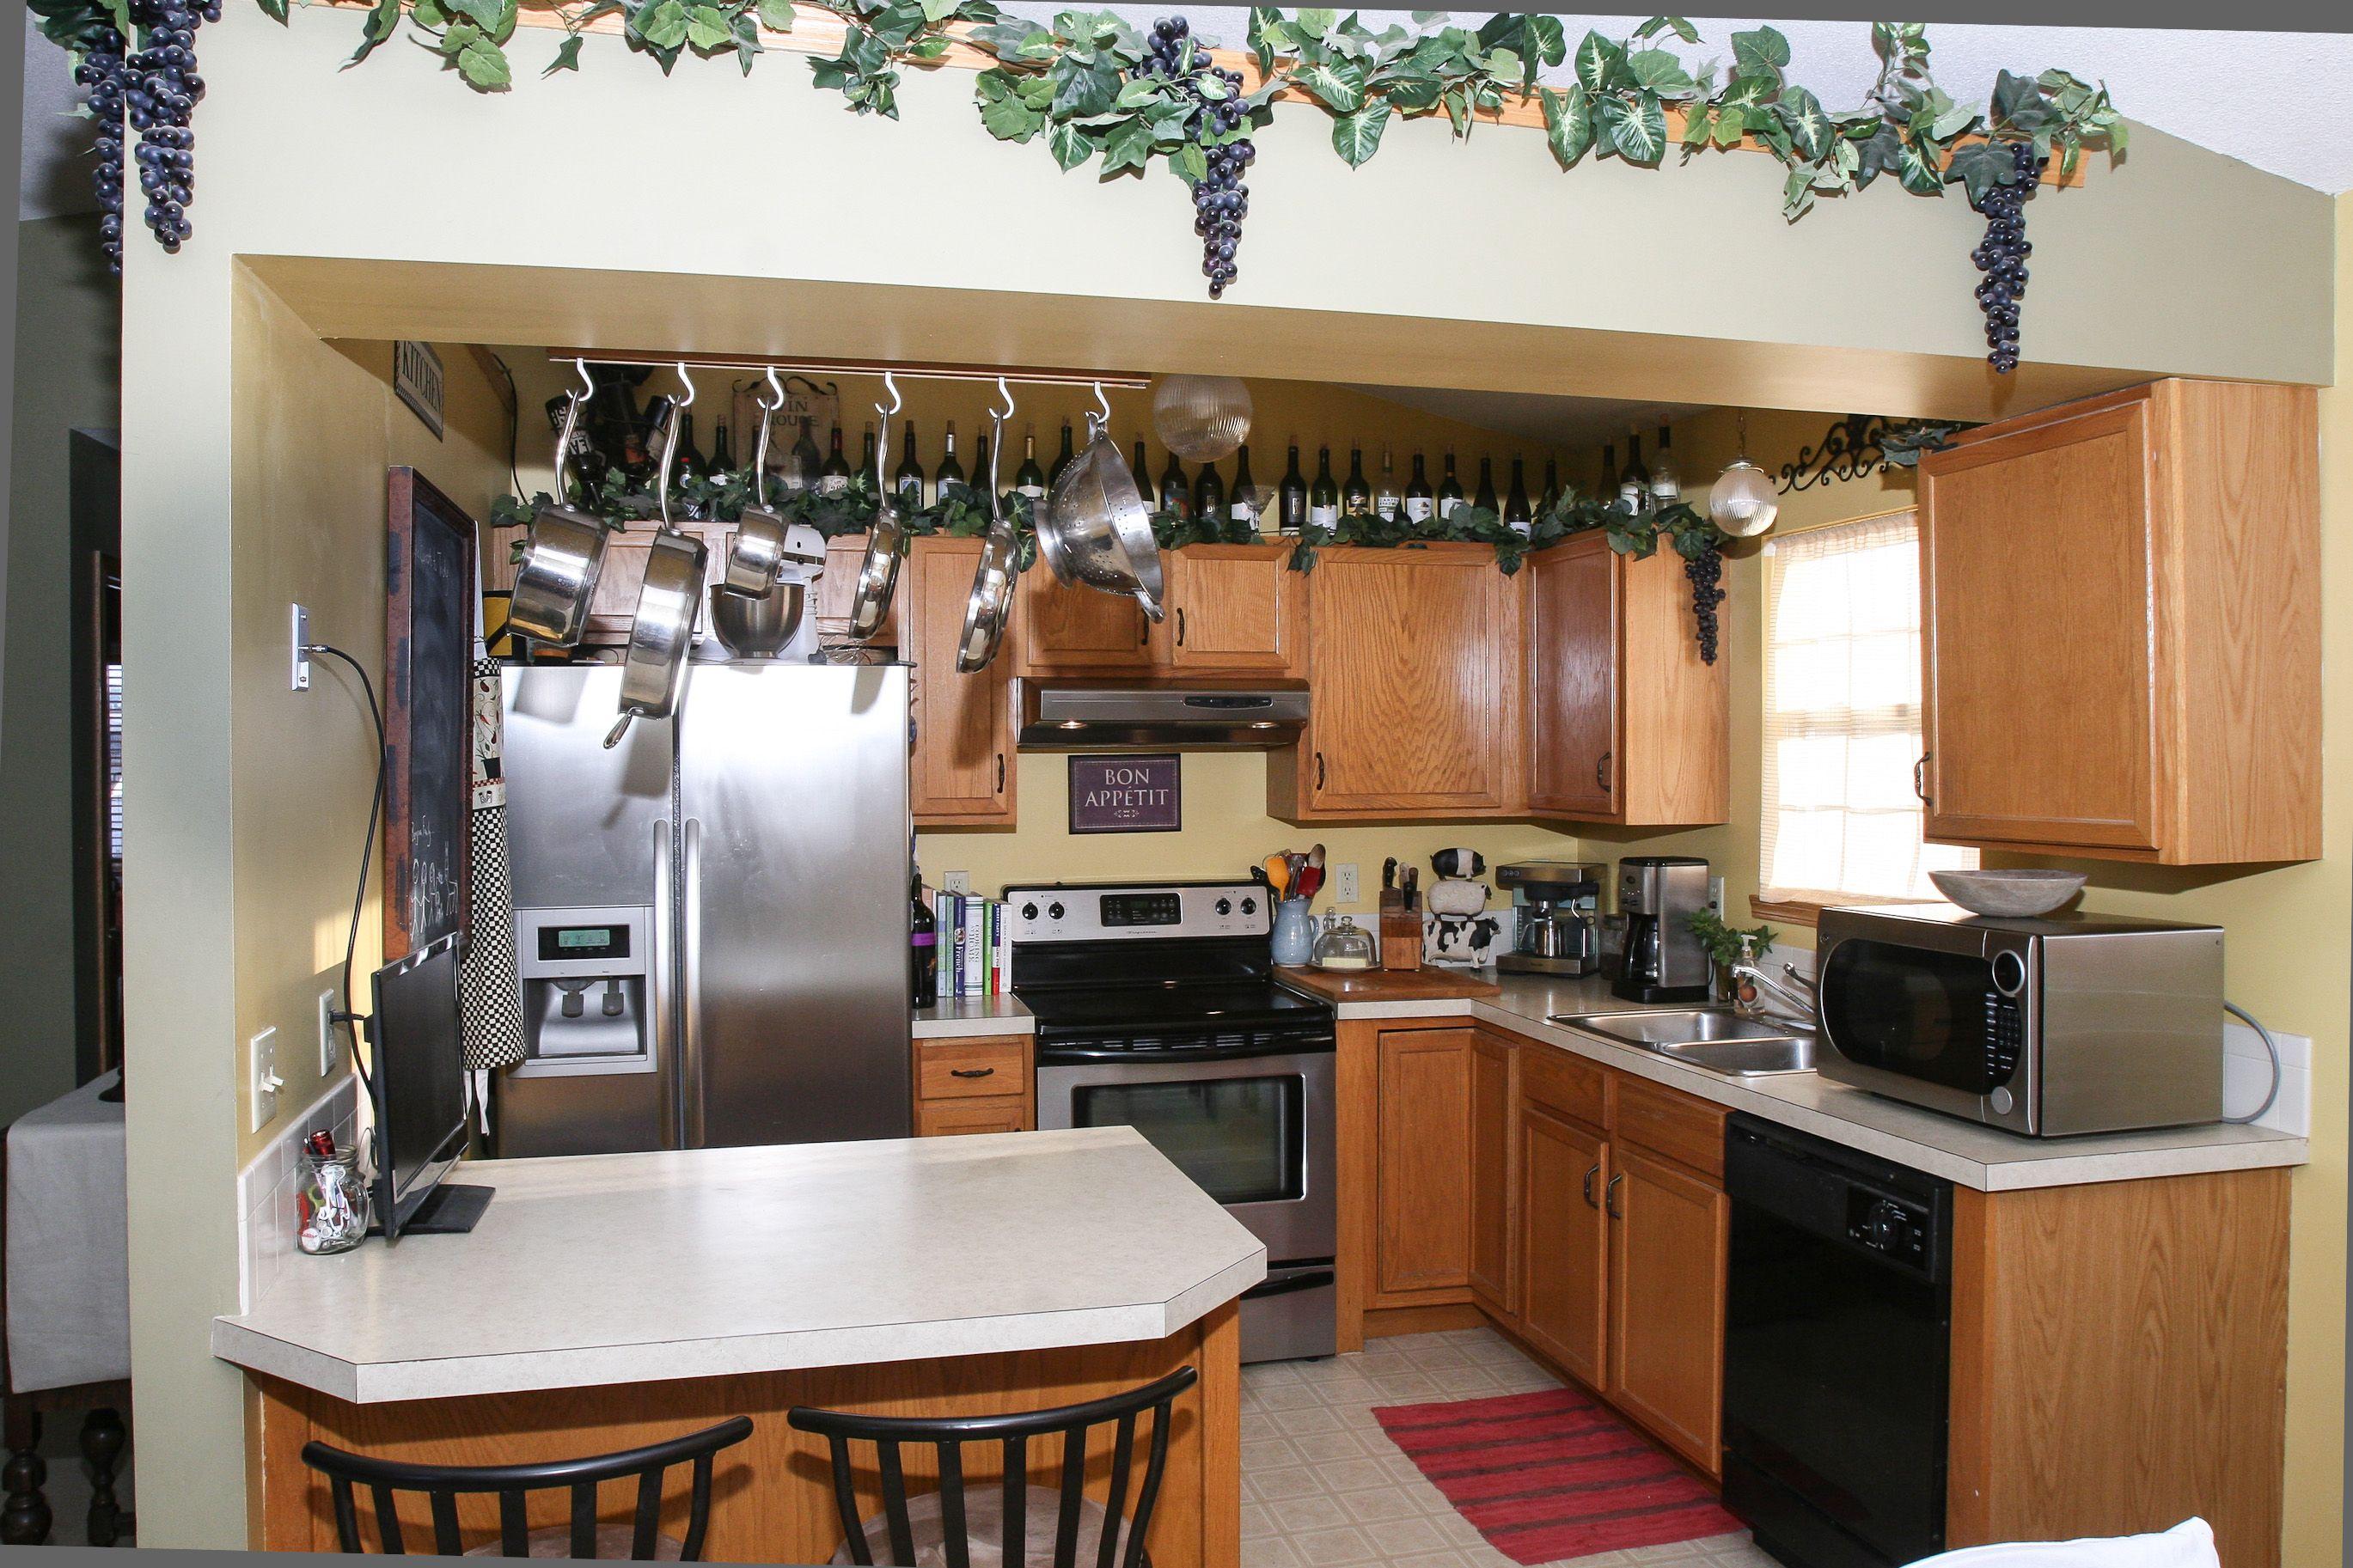 You Will Love The Kitchen 8202 W Abderdeen Wichita Ks Kitchen Kitchen Cabinets Home Decor